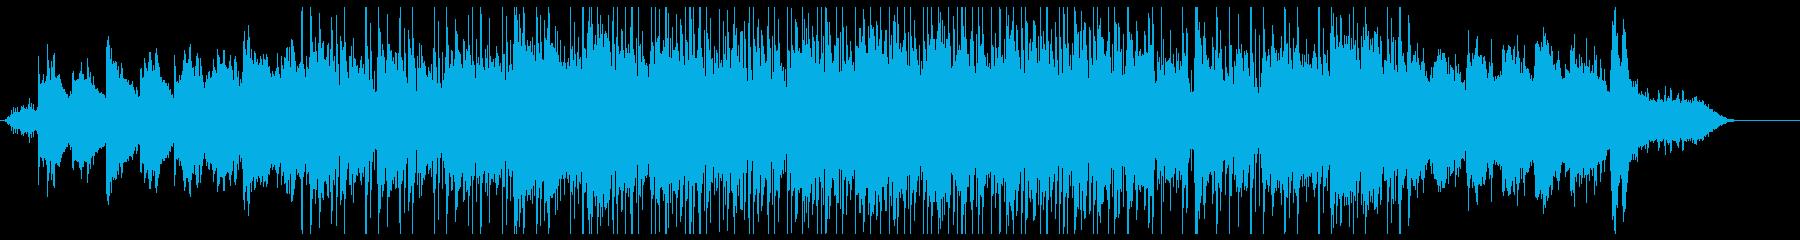 日本の原風景を描いたBGMの再生済みの波形